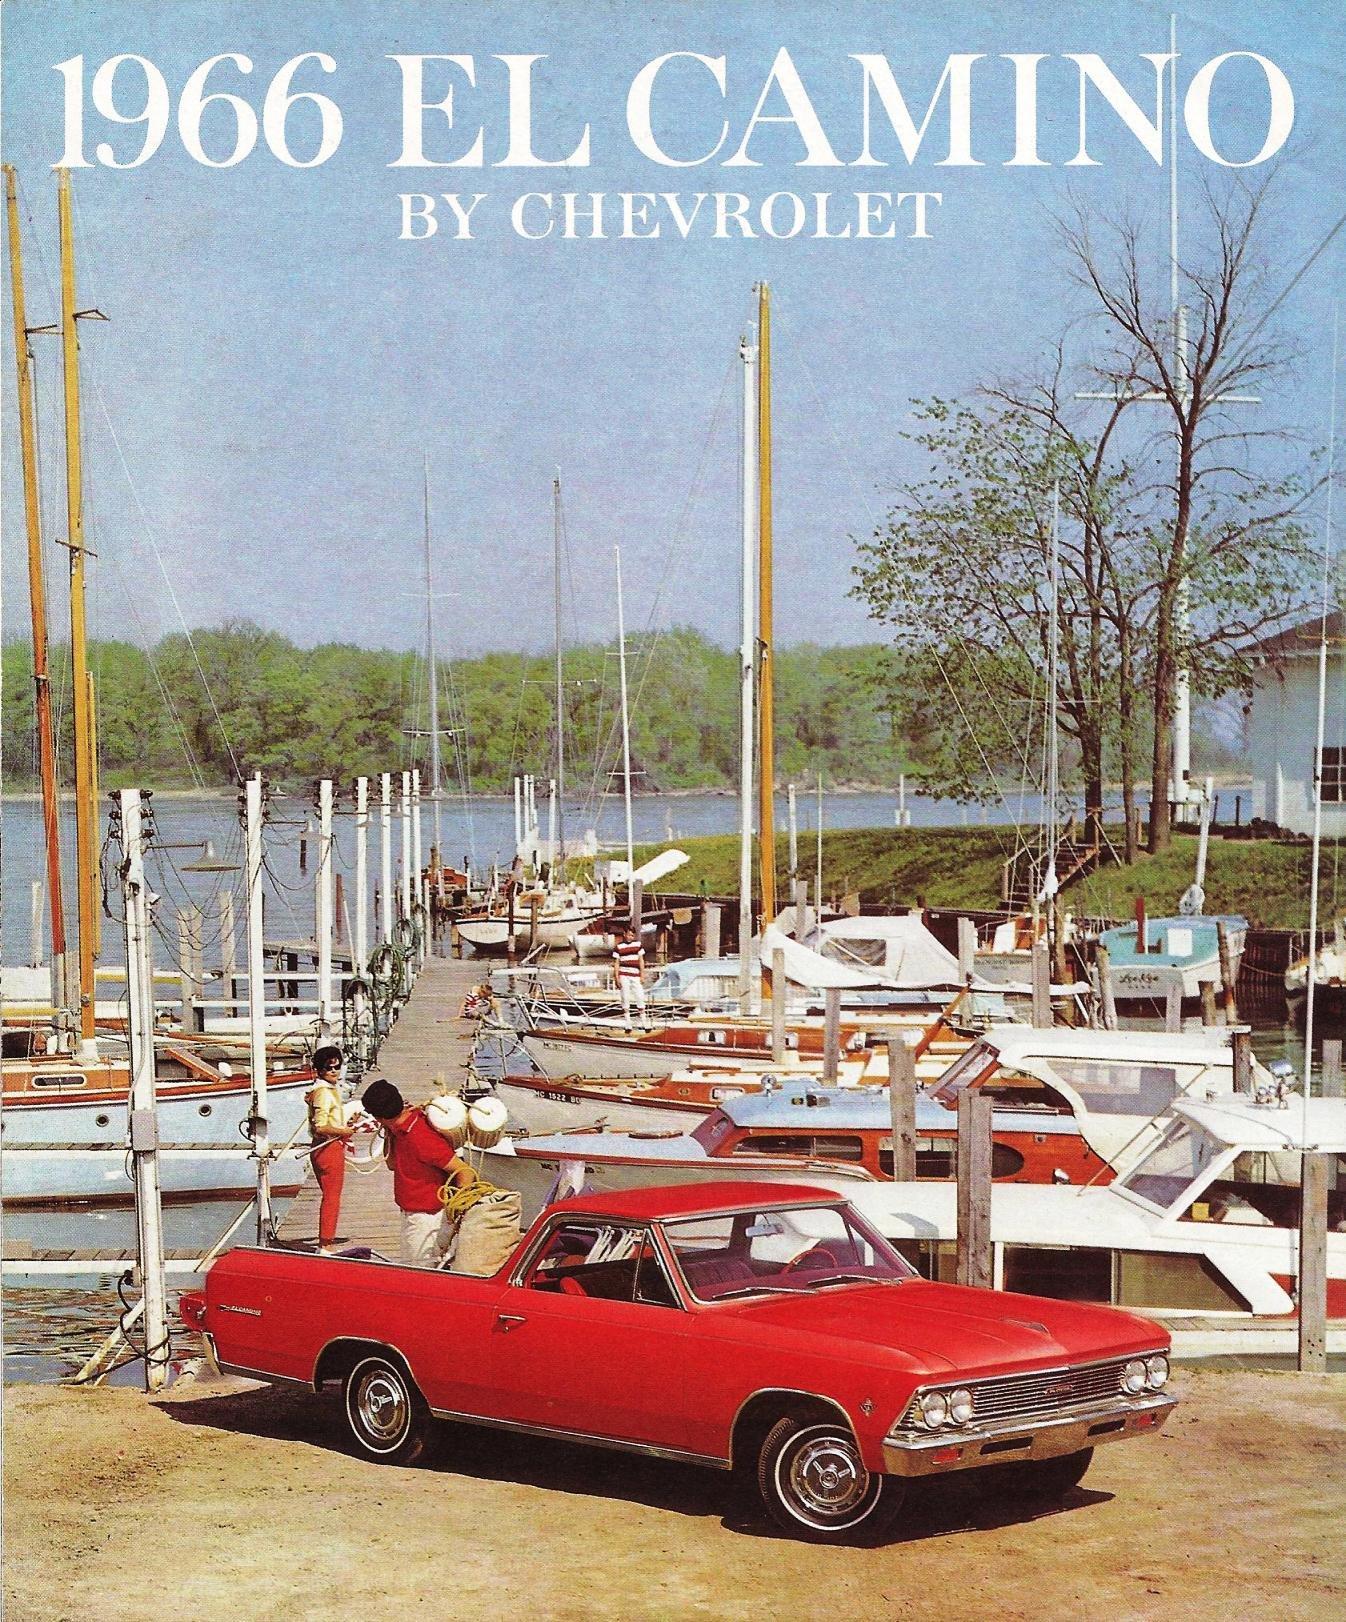 1966 Chevrolet El Camino brochure